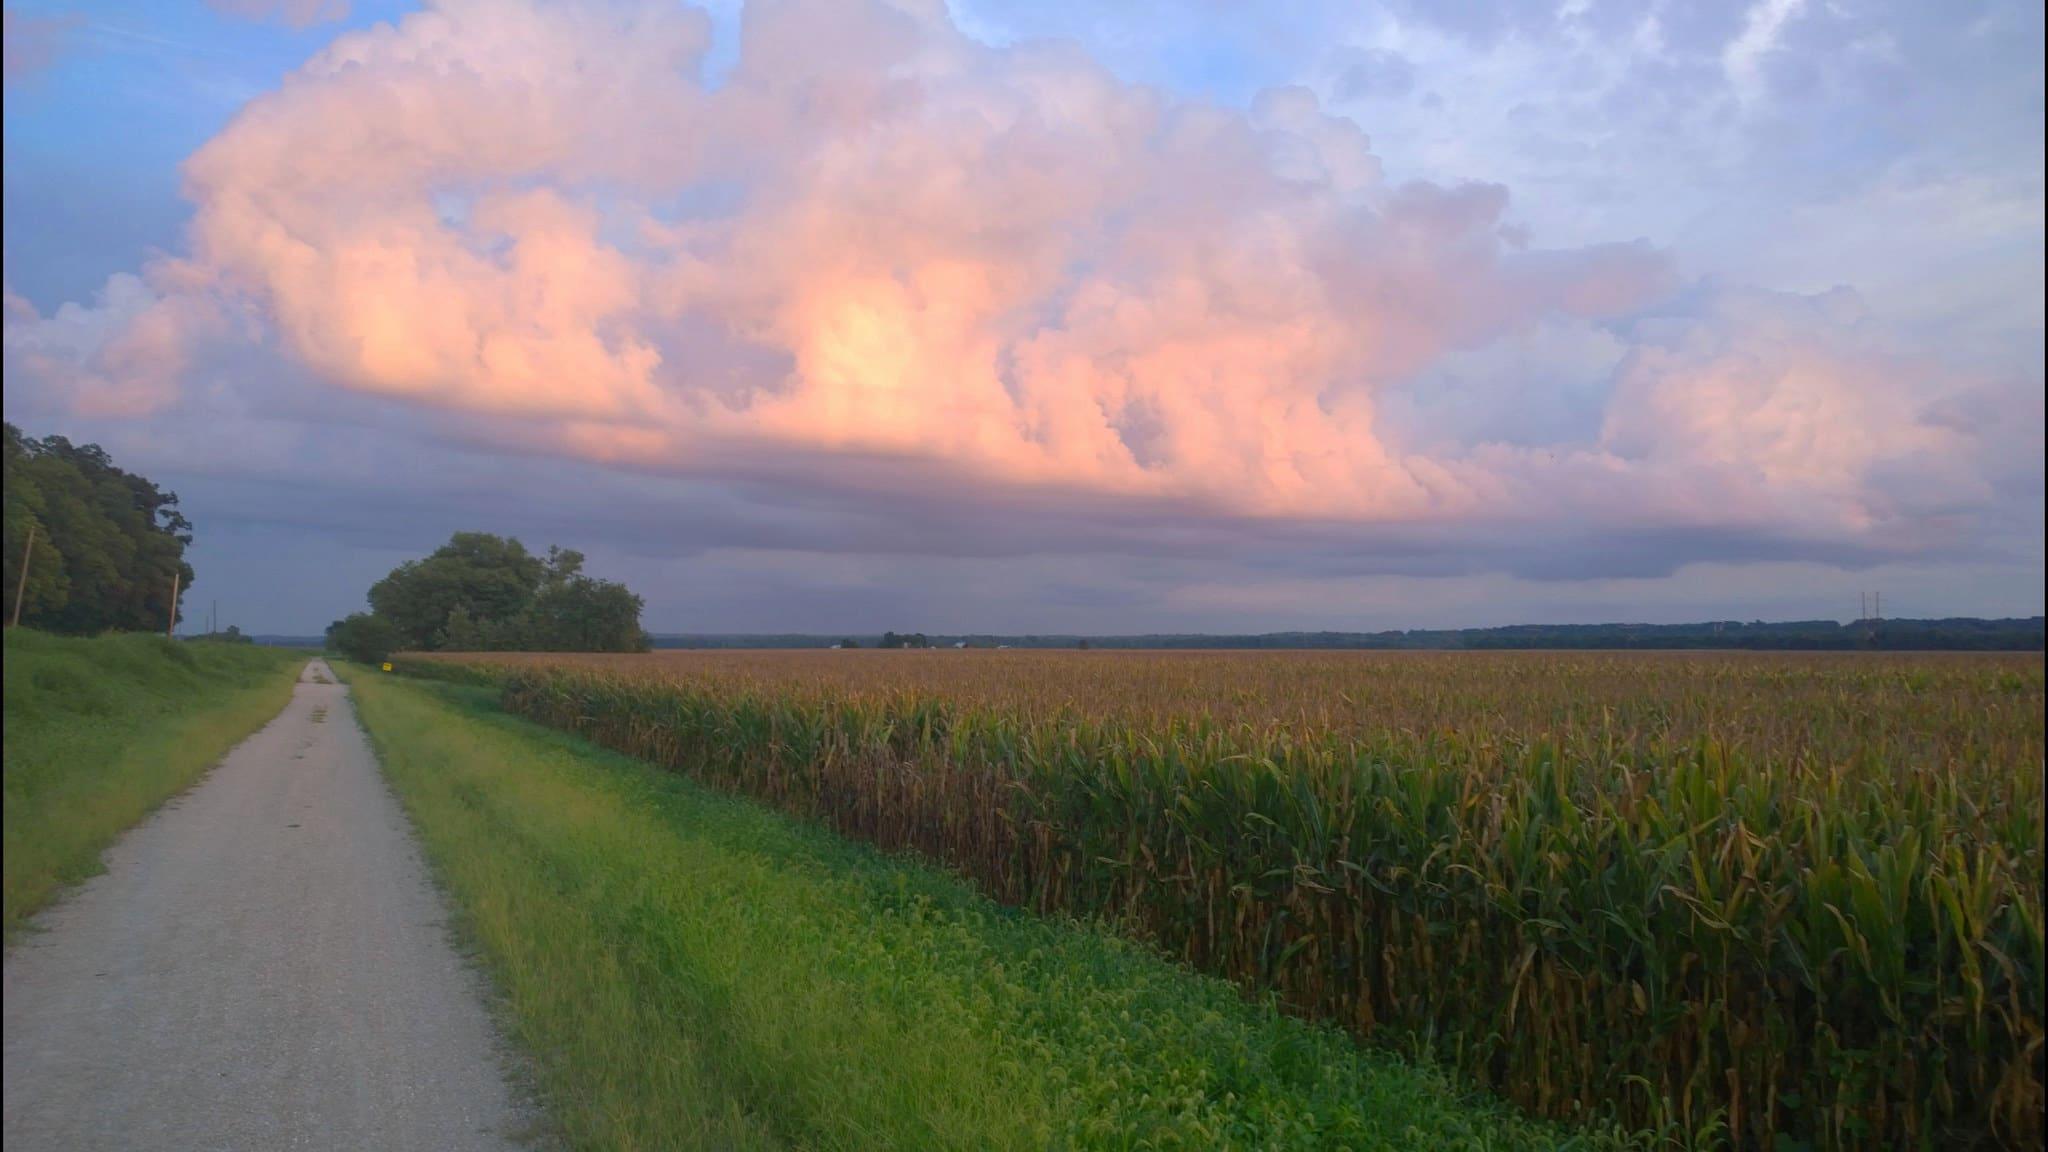 Katy Bike Trail in St. Charles County